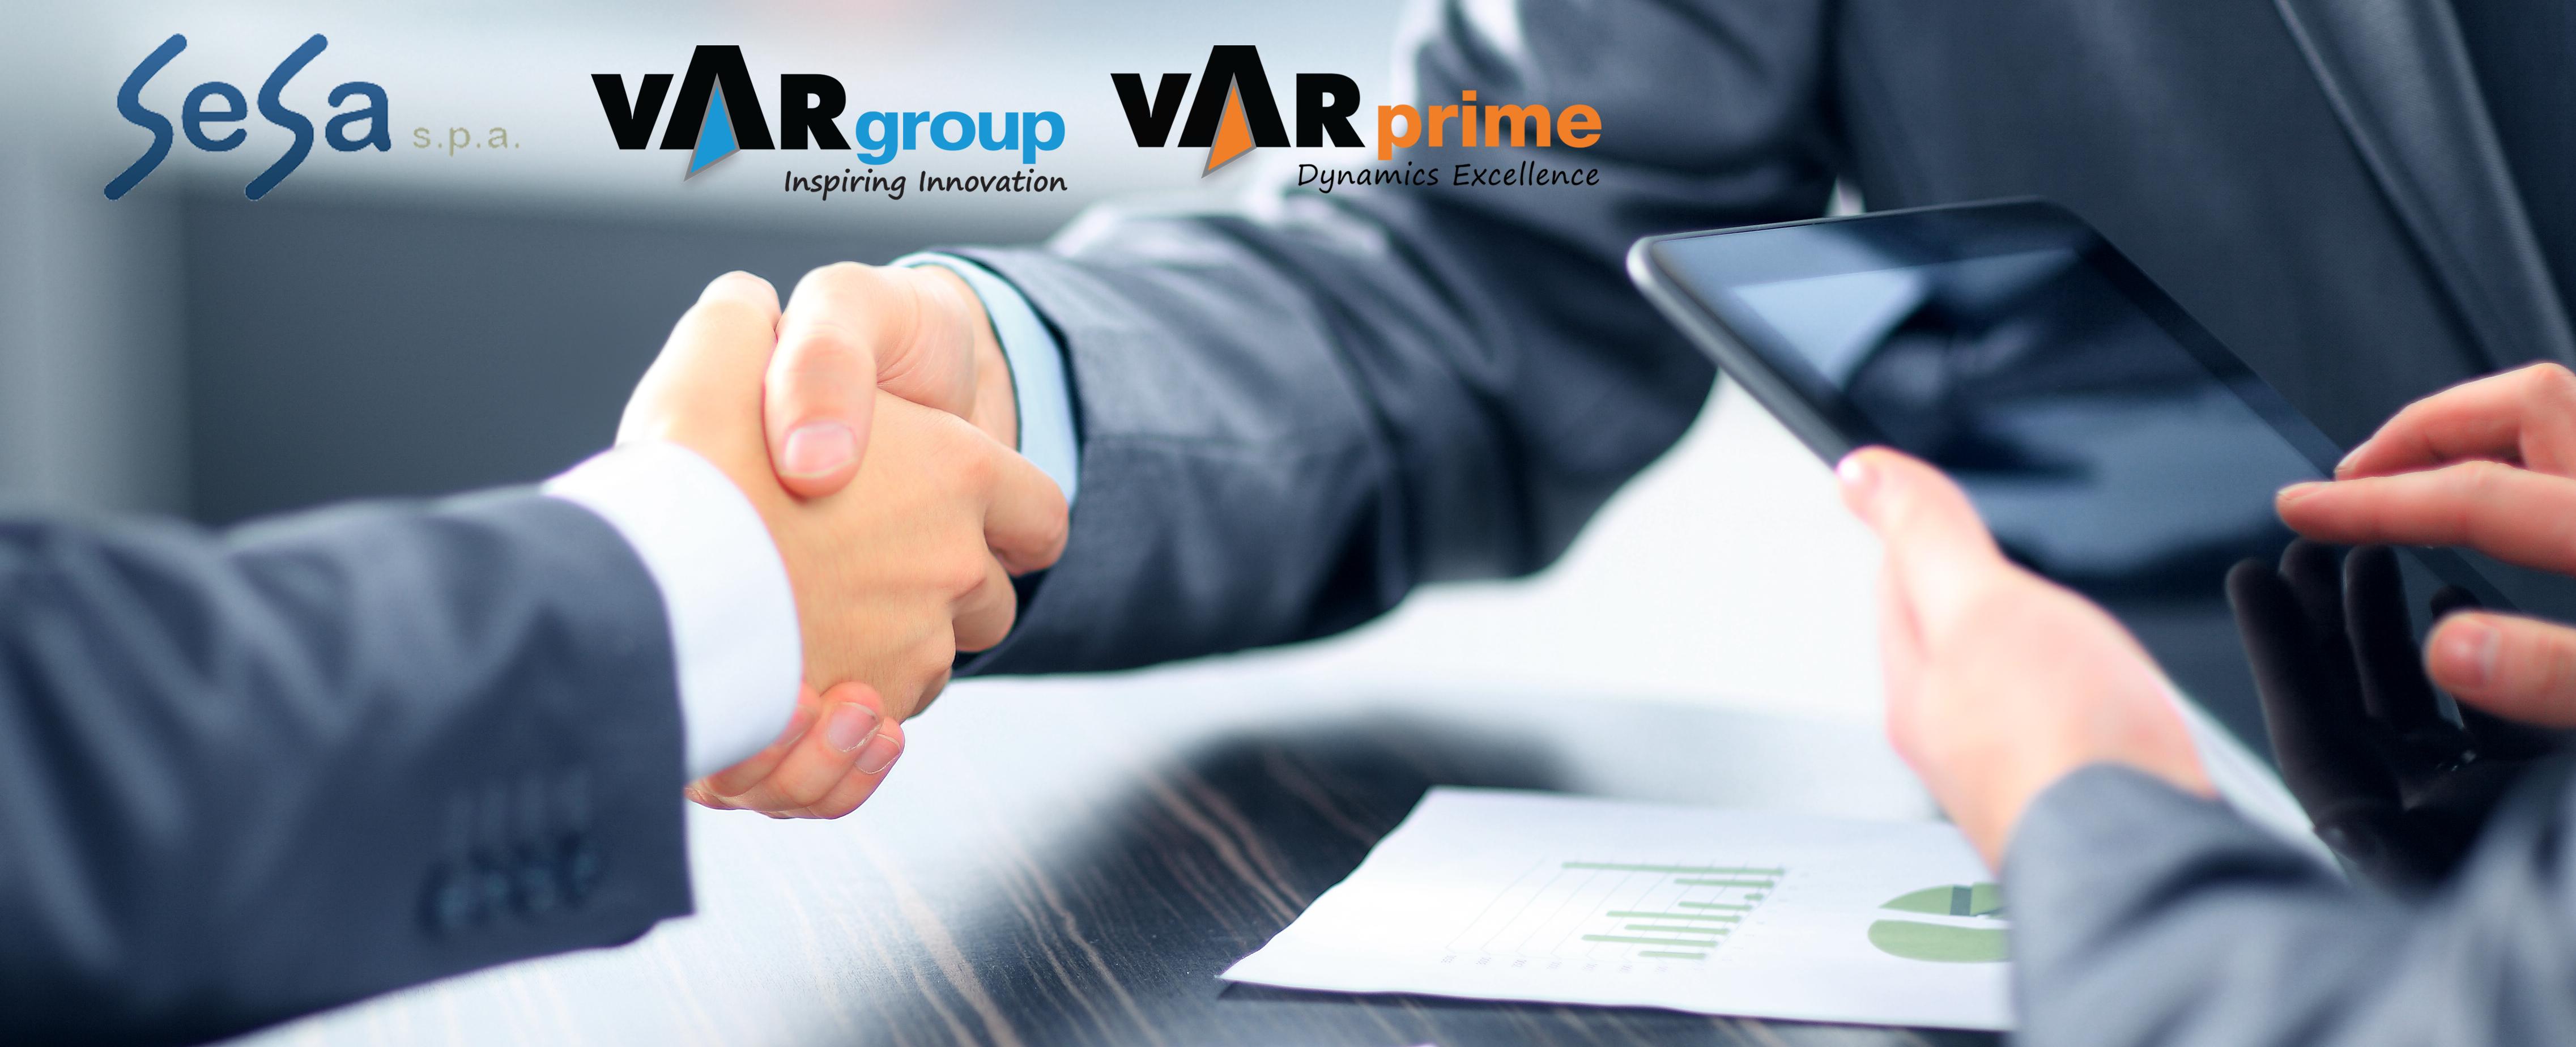 Var Groupcrea con Var Prime un polo nel settore dei servizisu piattaformaMicrosoft Dynamics per i segmenti SME e Enterprise.